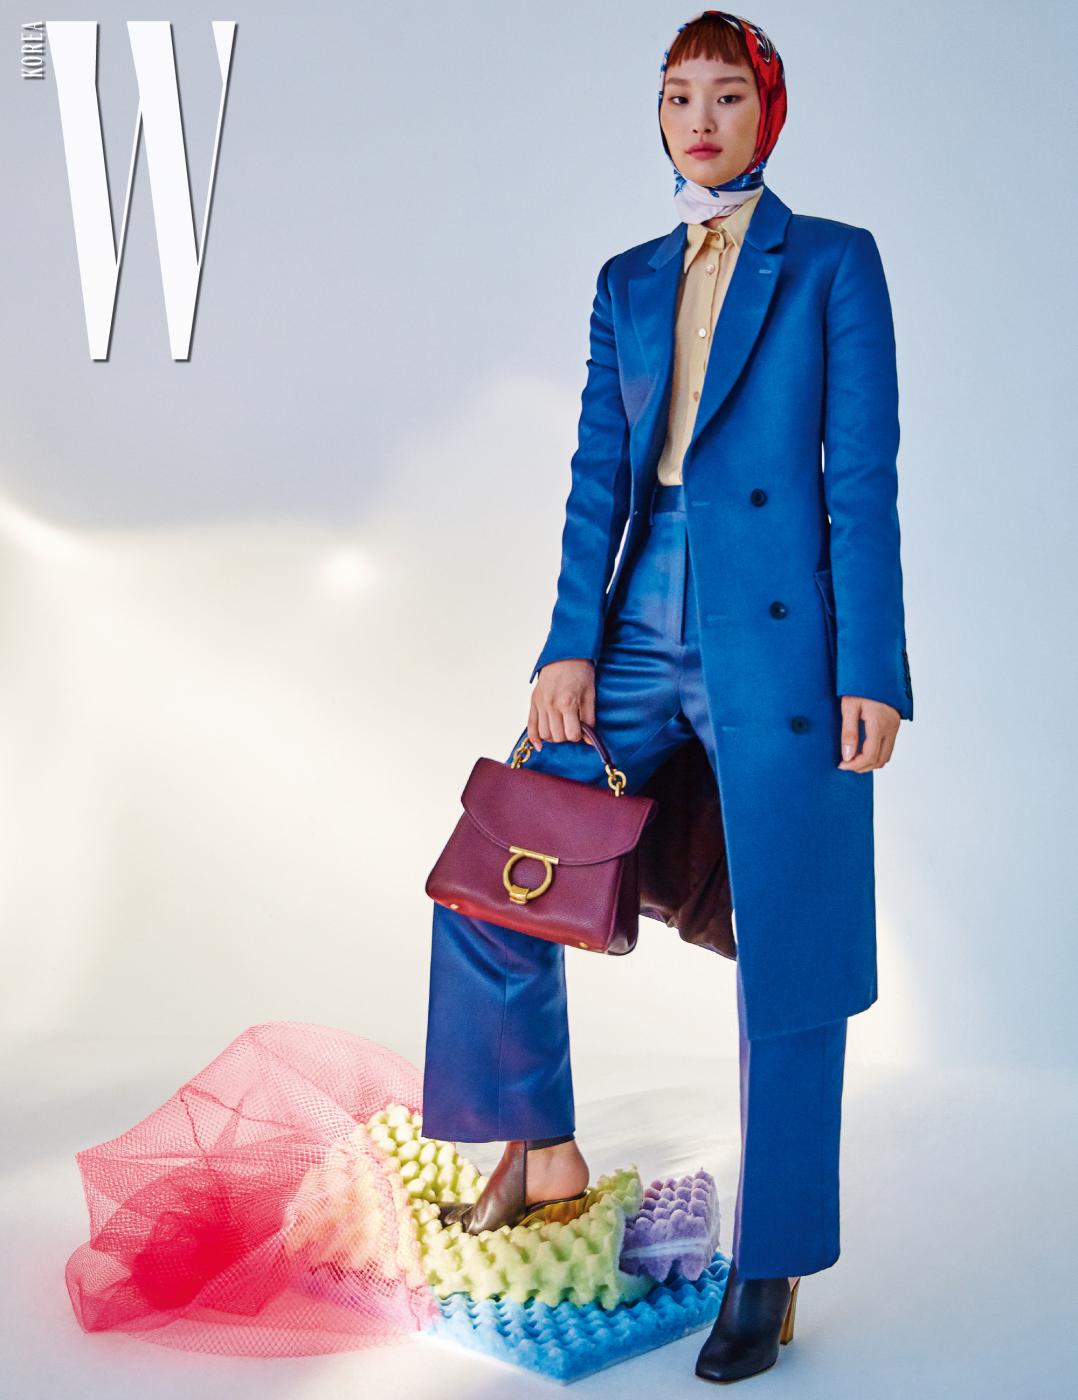 테일러드 슈트, 셔츠, 머리에 둘러 연출한 실크 스카프와 로고 버클 장식 가방은 모두 Salvatore Ferragamo 제품.